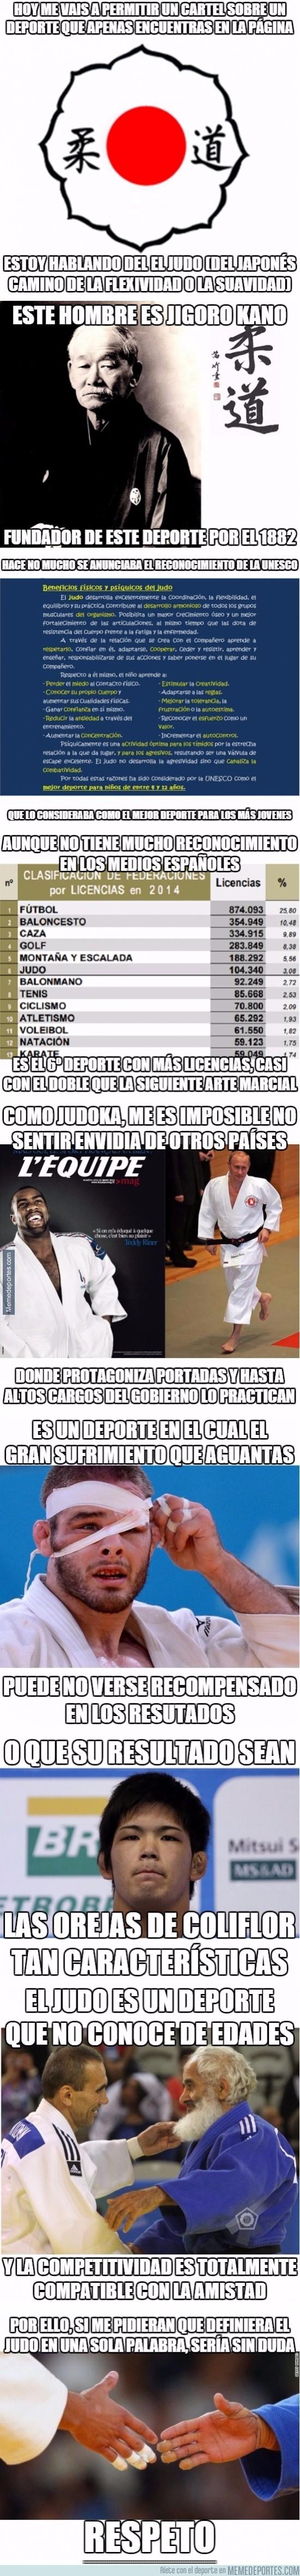 794120 - Vamos a hablar de Judo